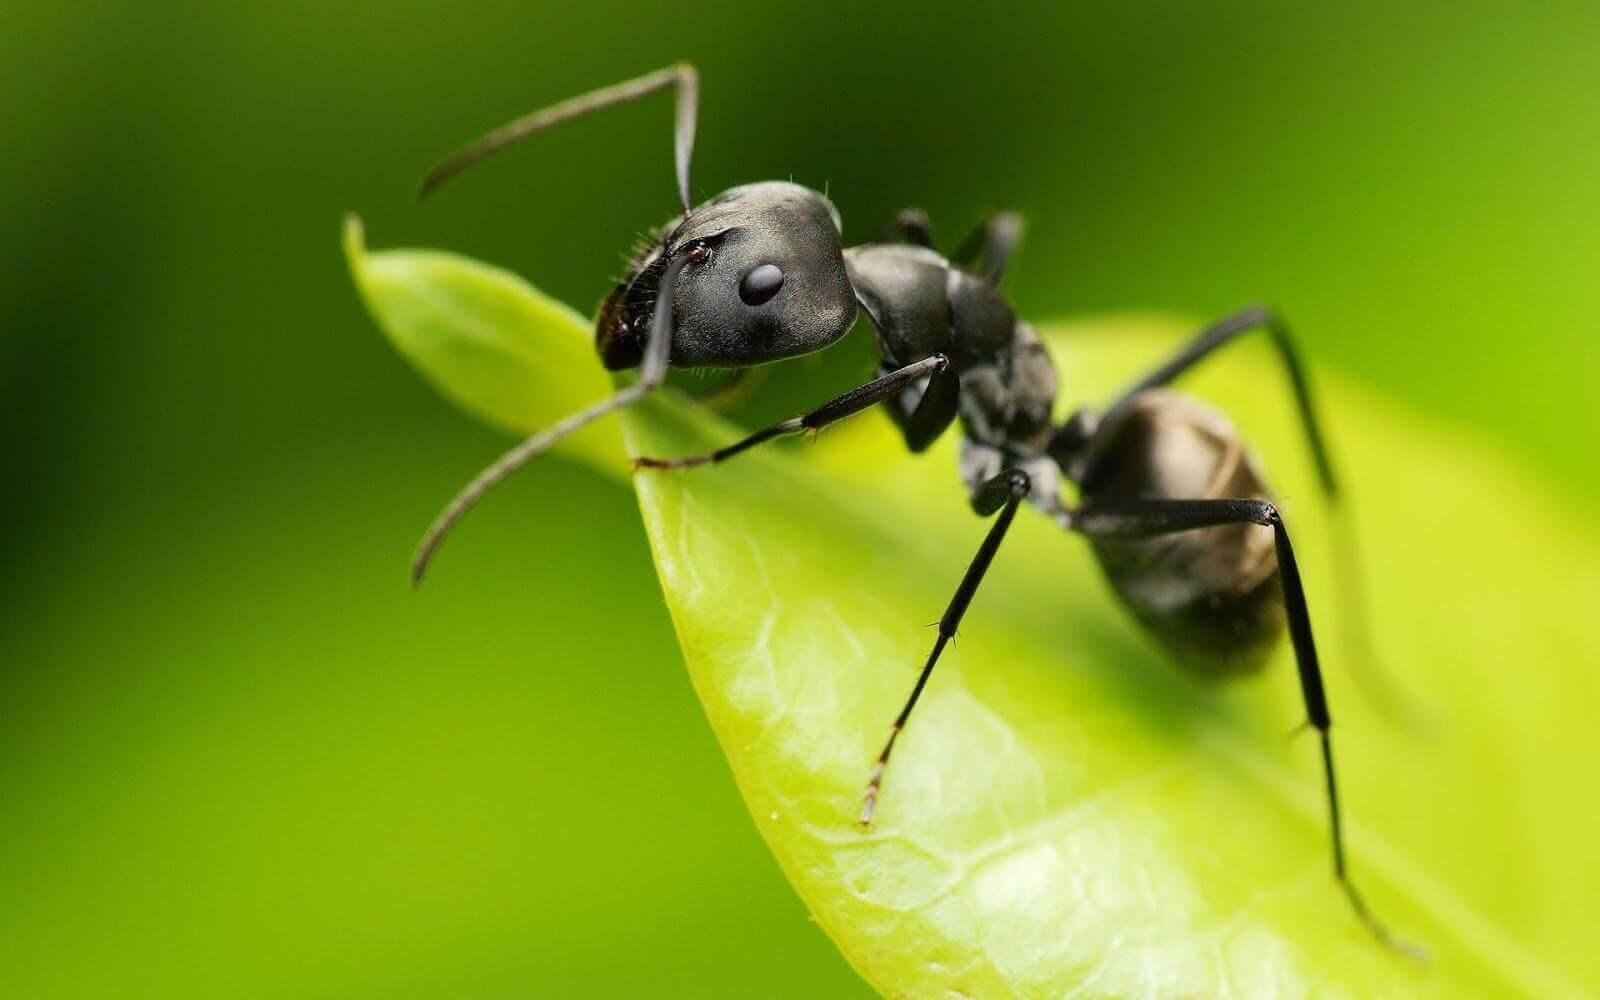 5. 개미